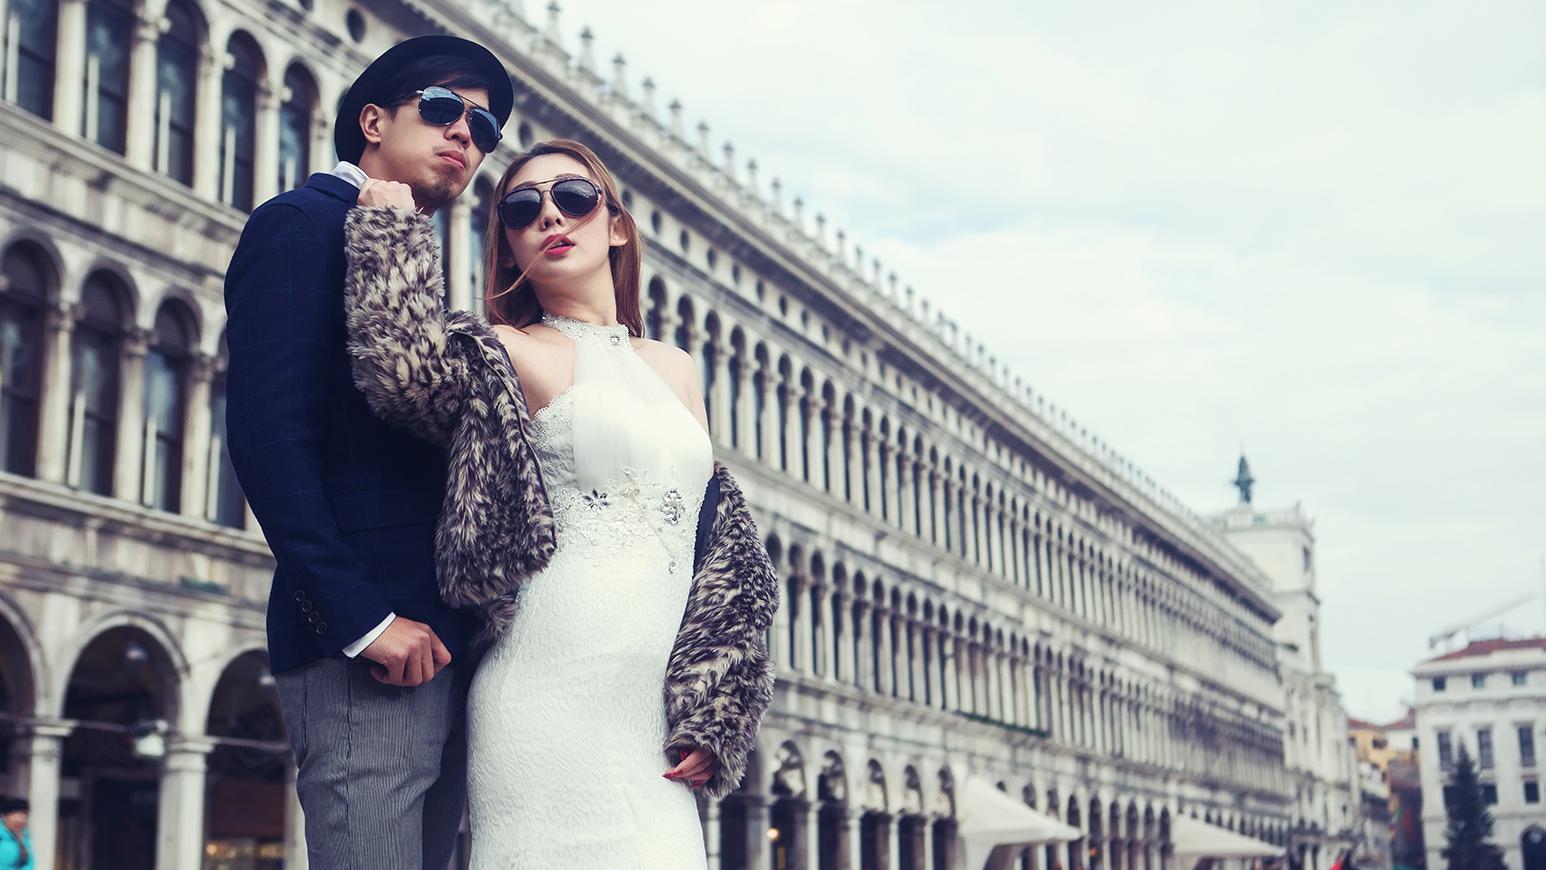 海外婚紗,自主婚紗,威尼斯,義大利,米蘭,羅馬